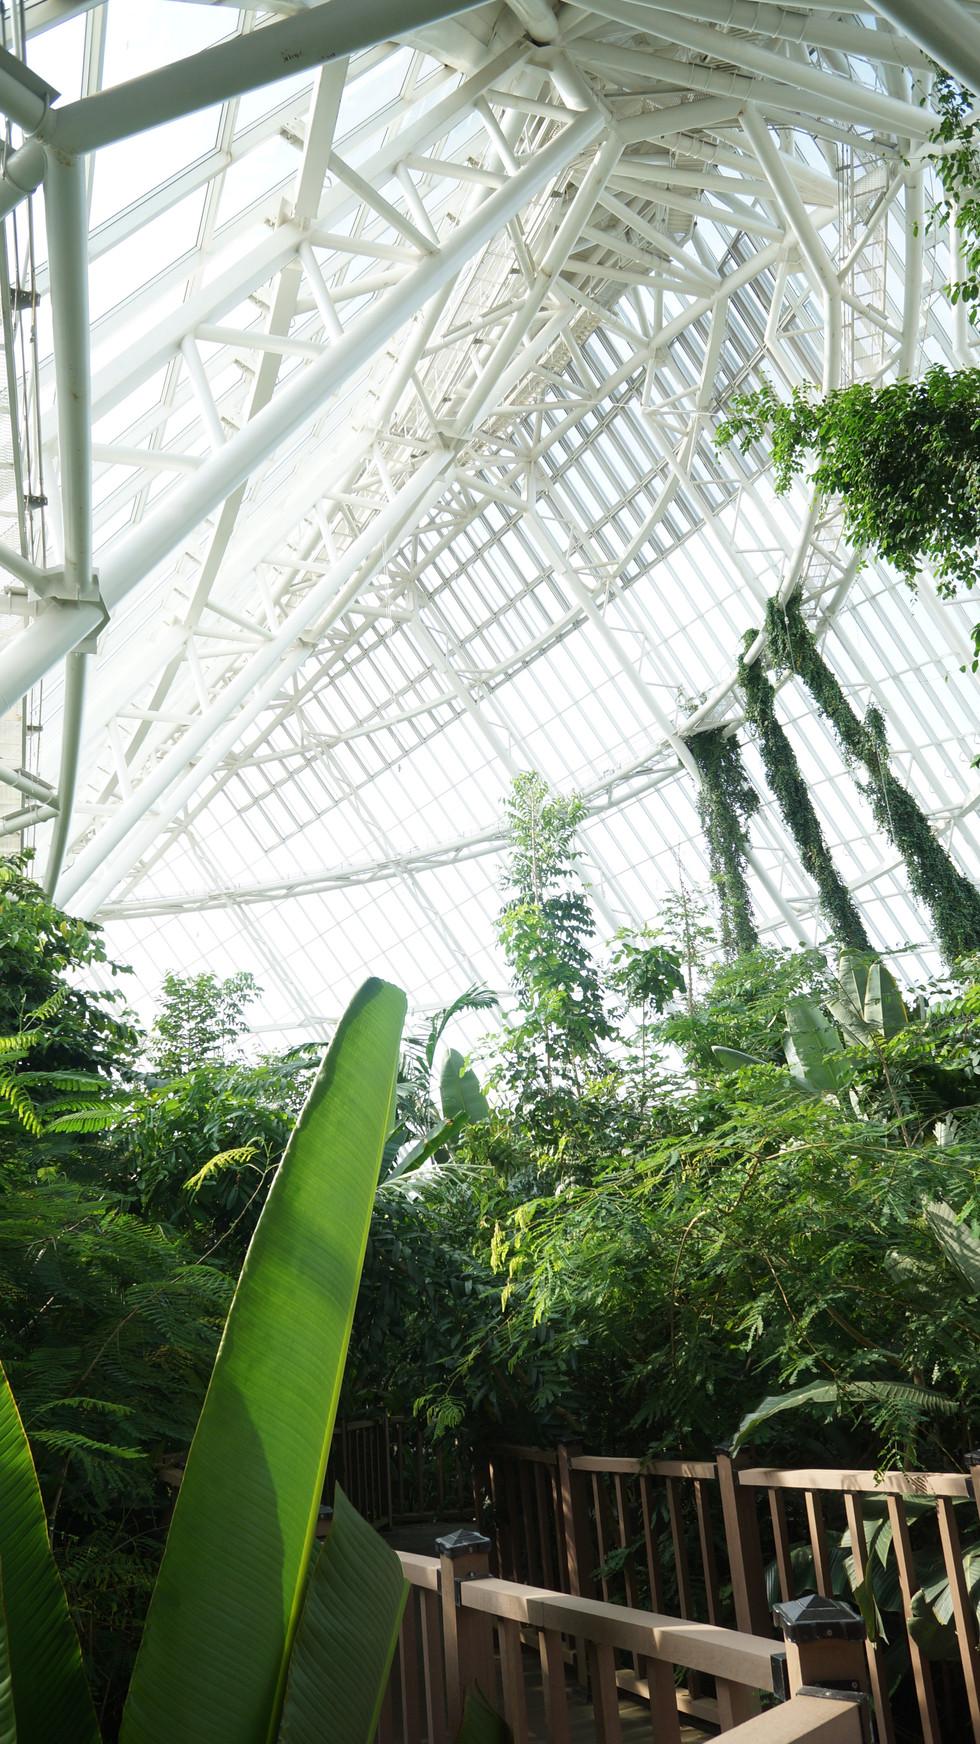 Ecorium